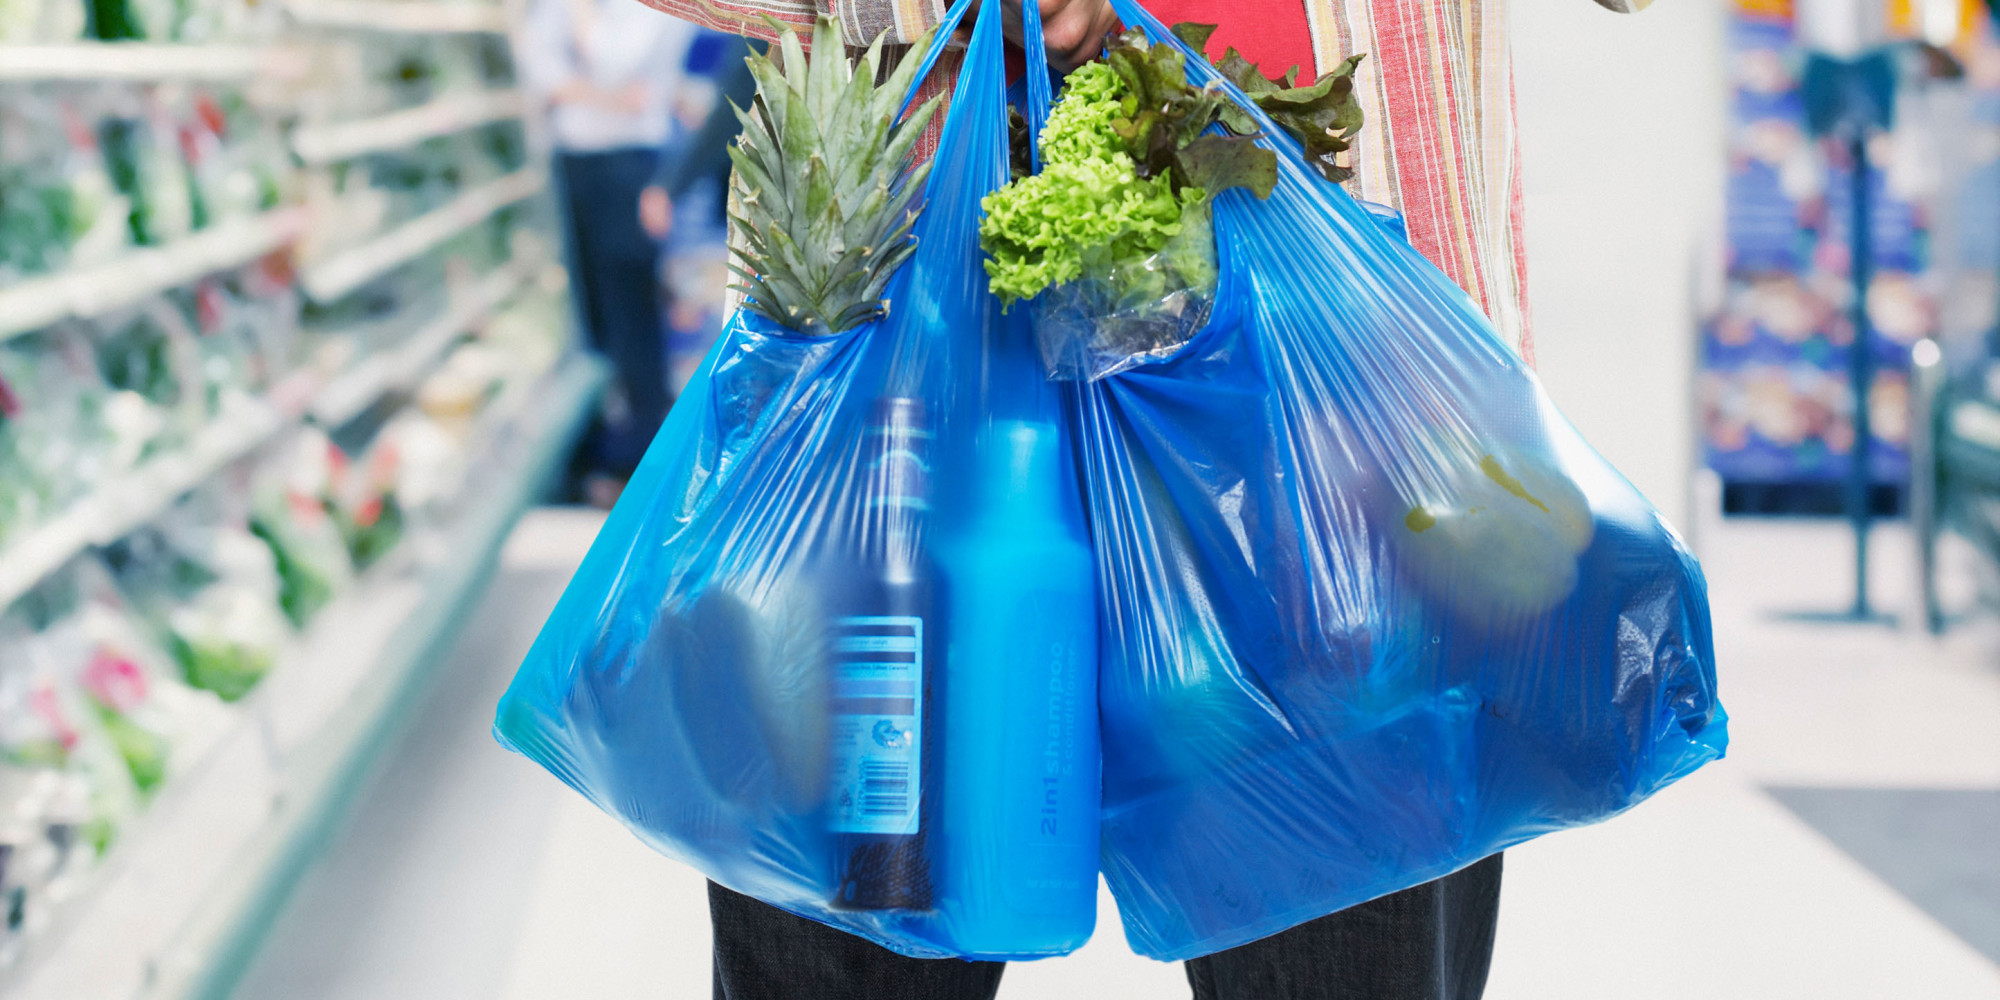 túi nhựa dùng để đi chợ